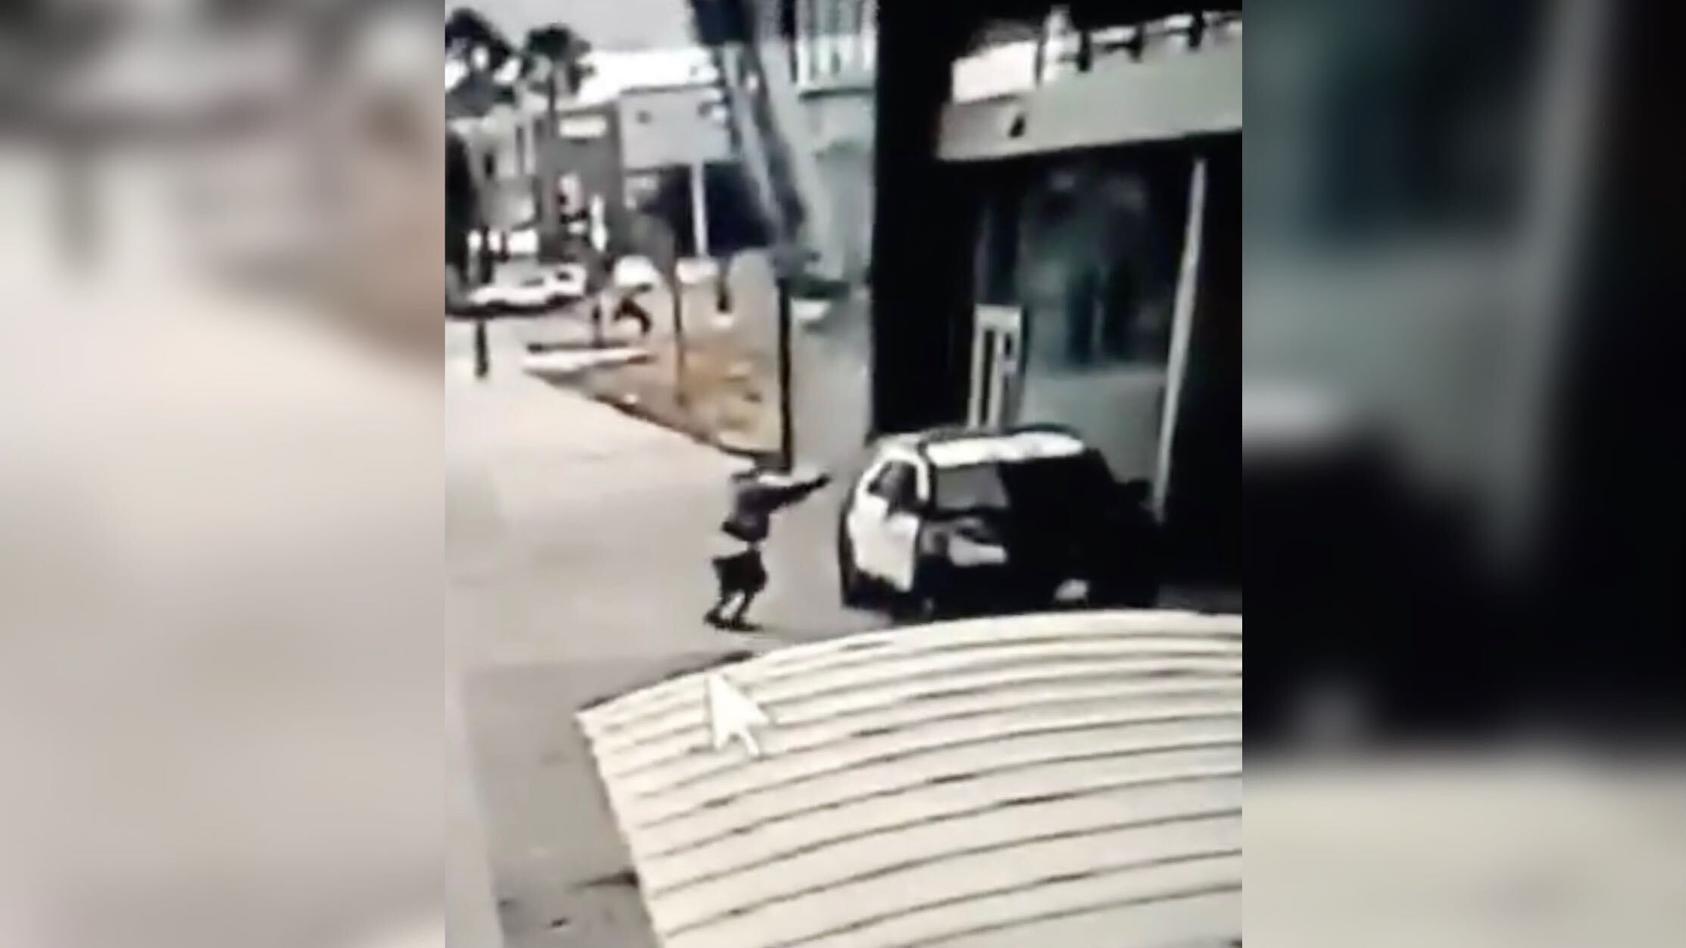 Auf einem Video, das die Polizei veröffentlichte, ist zu sehen, wie sich eine Person dem Streifenwagen nähert, ohne Wortwechsel ins Innere schießt und anschließend wegrennt.